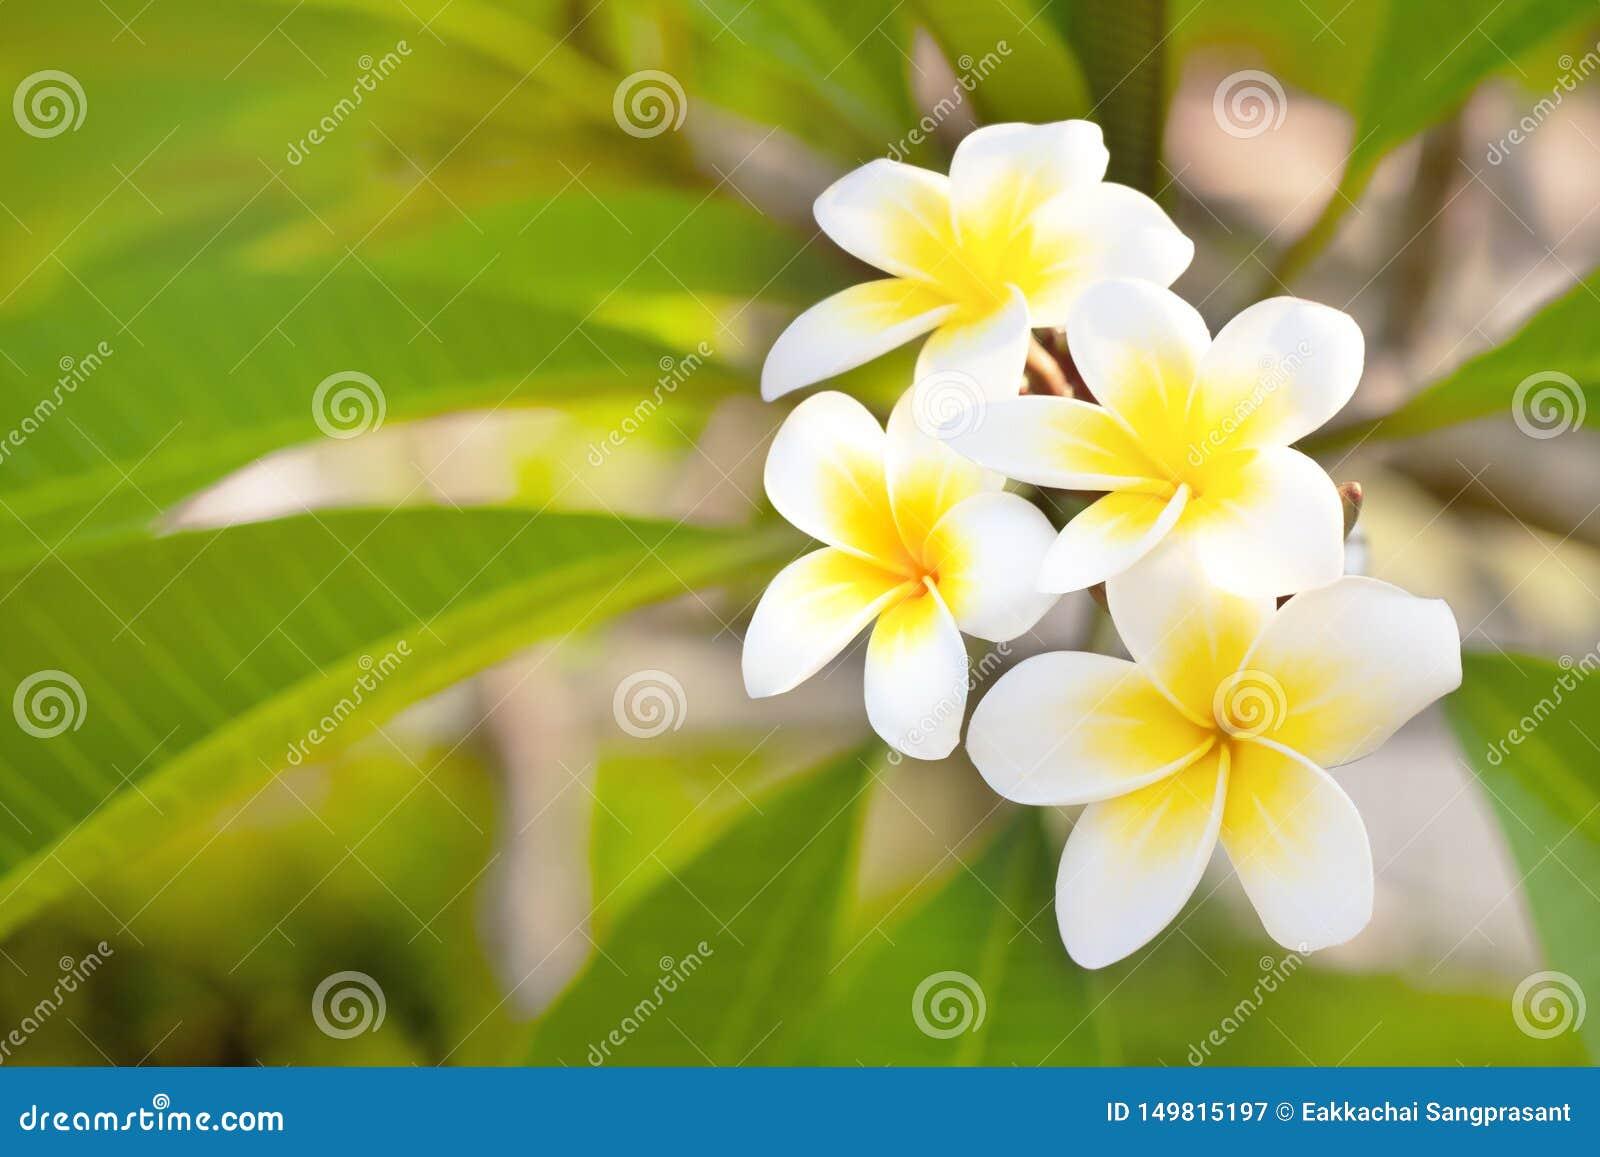 Cory interliniuje, Bajecznie fragrant czyści biali perfumowi kwiaty z żółtymi centrami egzotyczny tropikalny frangipanni gatunków